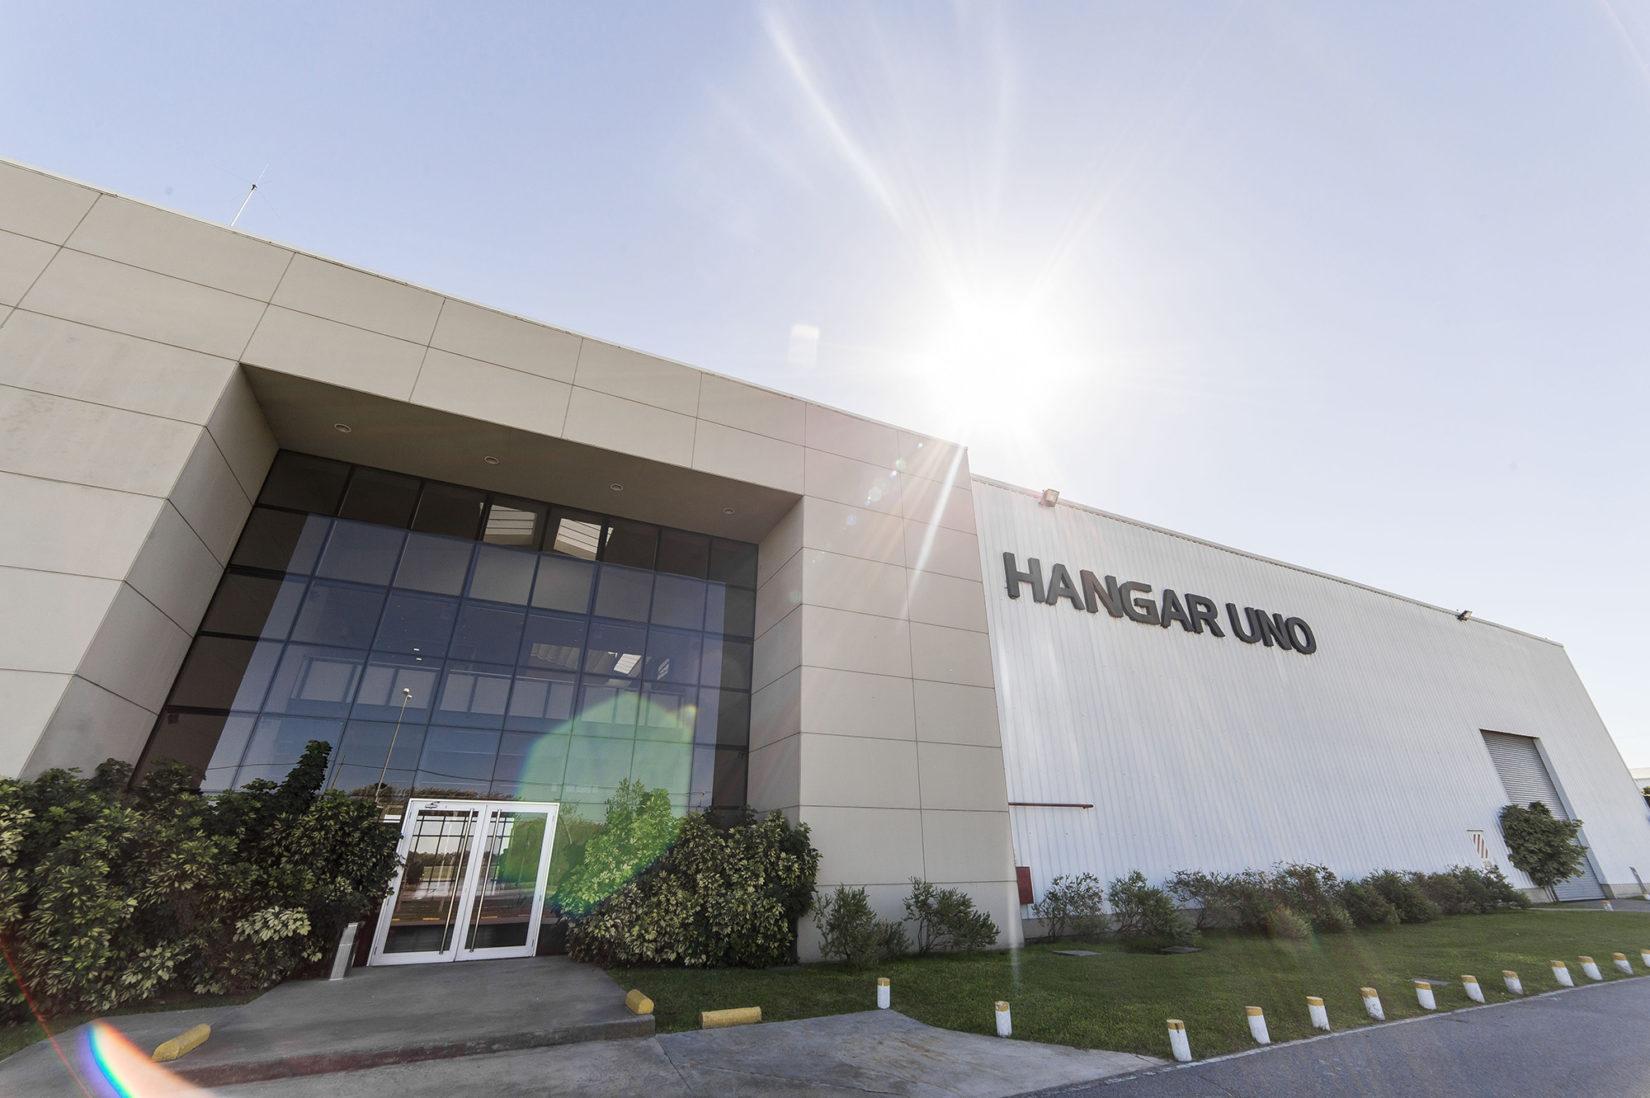 Hangar Uno front entrance